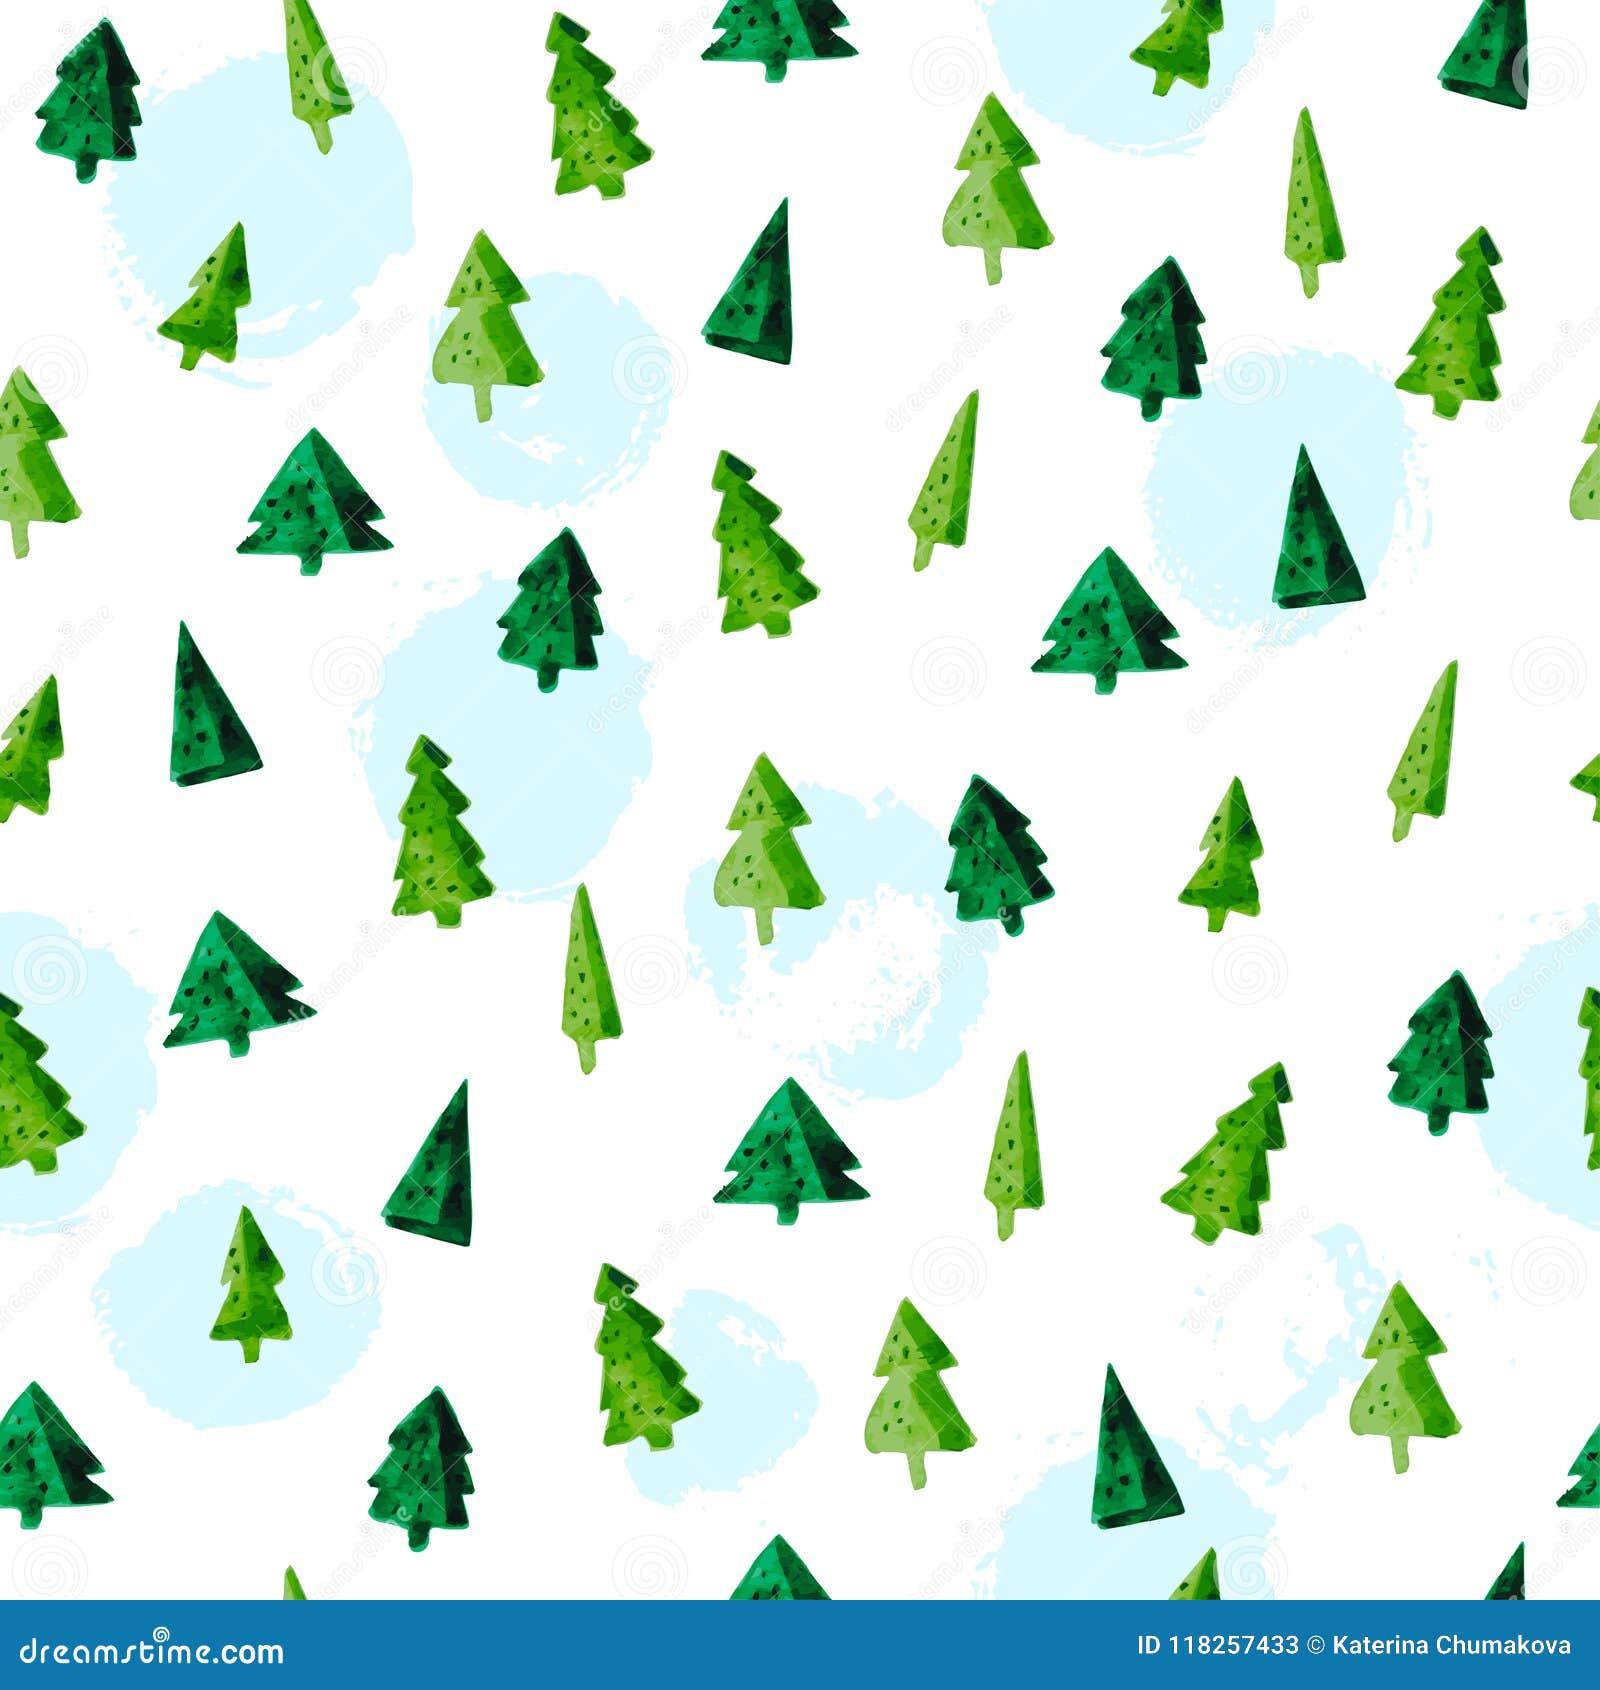 Tannenbaum Muster.Vector Künstlerisches Nahtloses Muster Für Feiertag Der Frohen